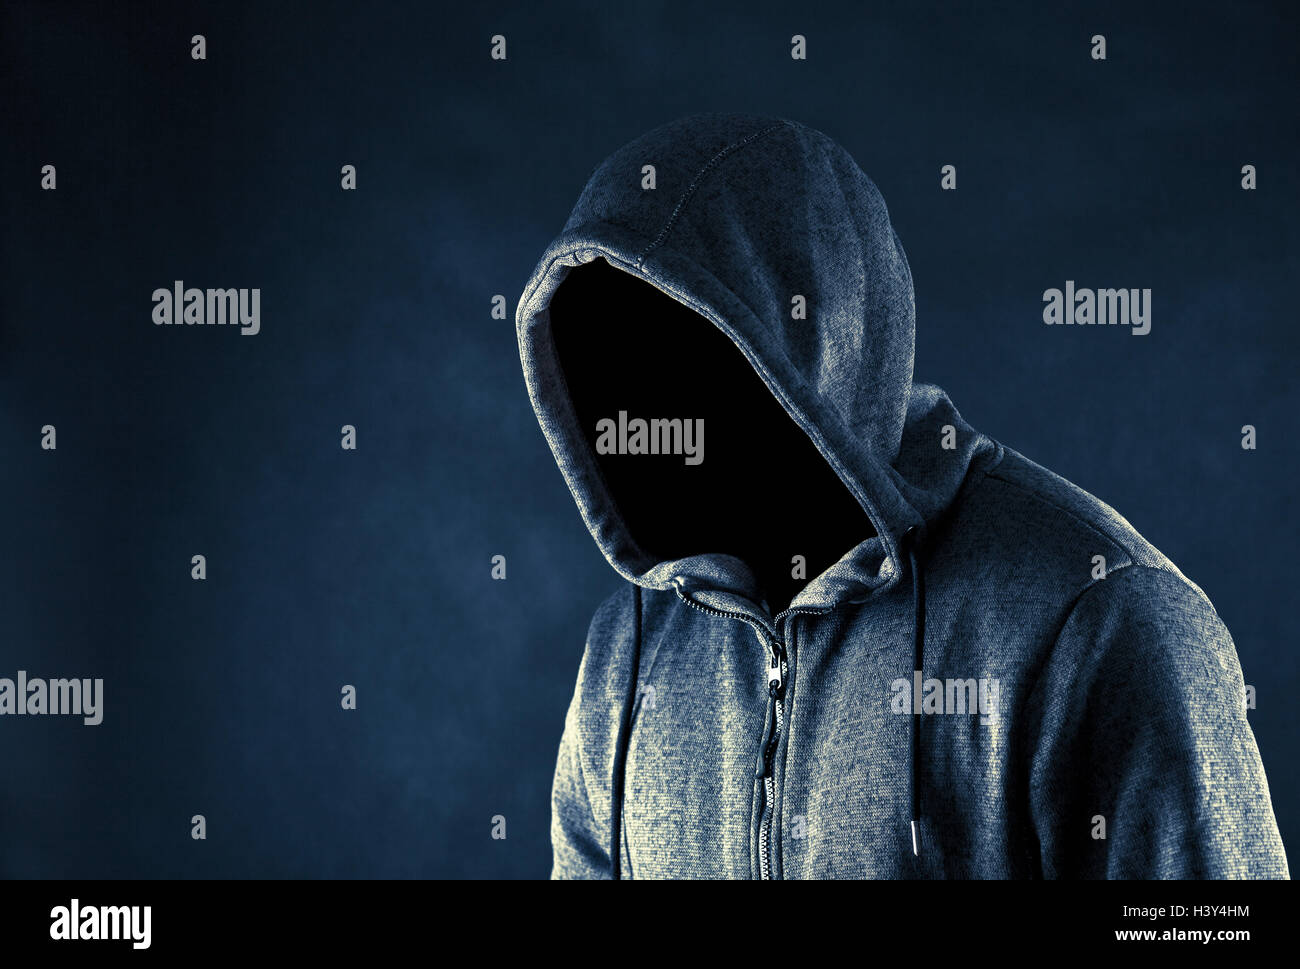 Homme cagoulé dans le noir Banque D'Images